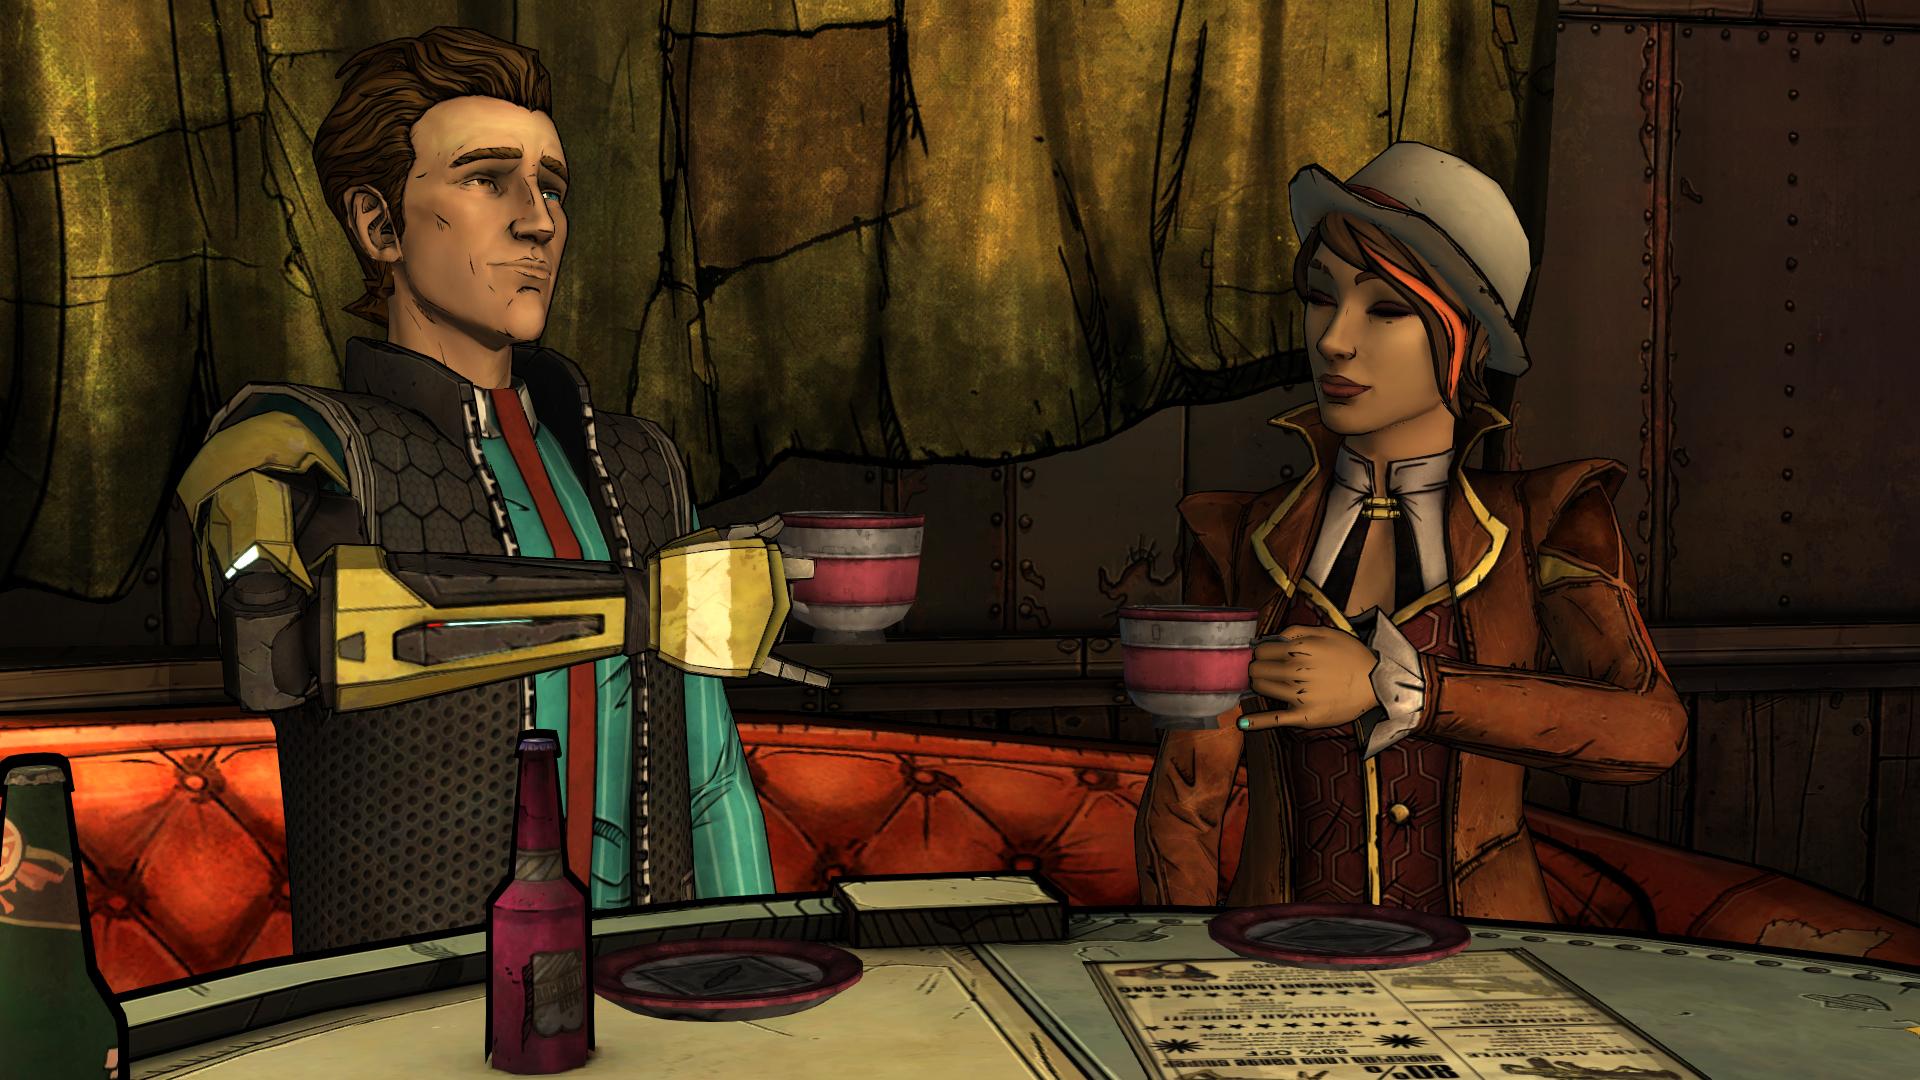 Пример противопоставления: Фиона говорит похитителю, что они с Риз спокойно обсудили их сотрудничество. Затем Риз рассказывает, что происходило на самом деле.